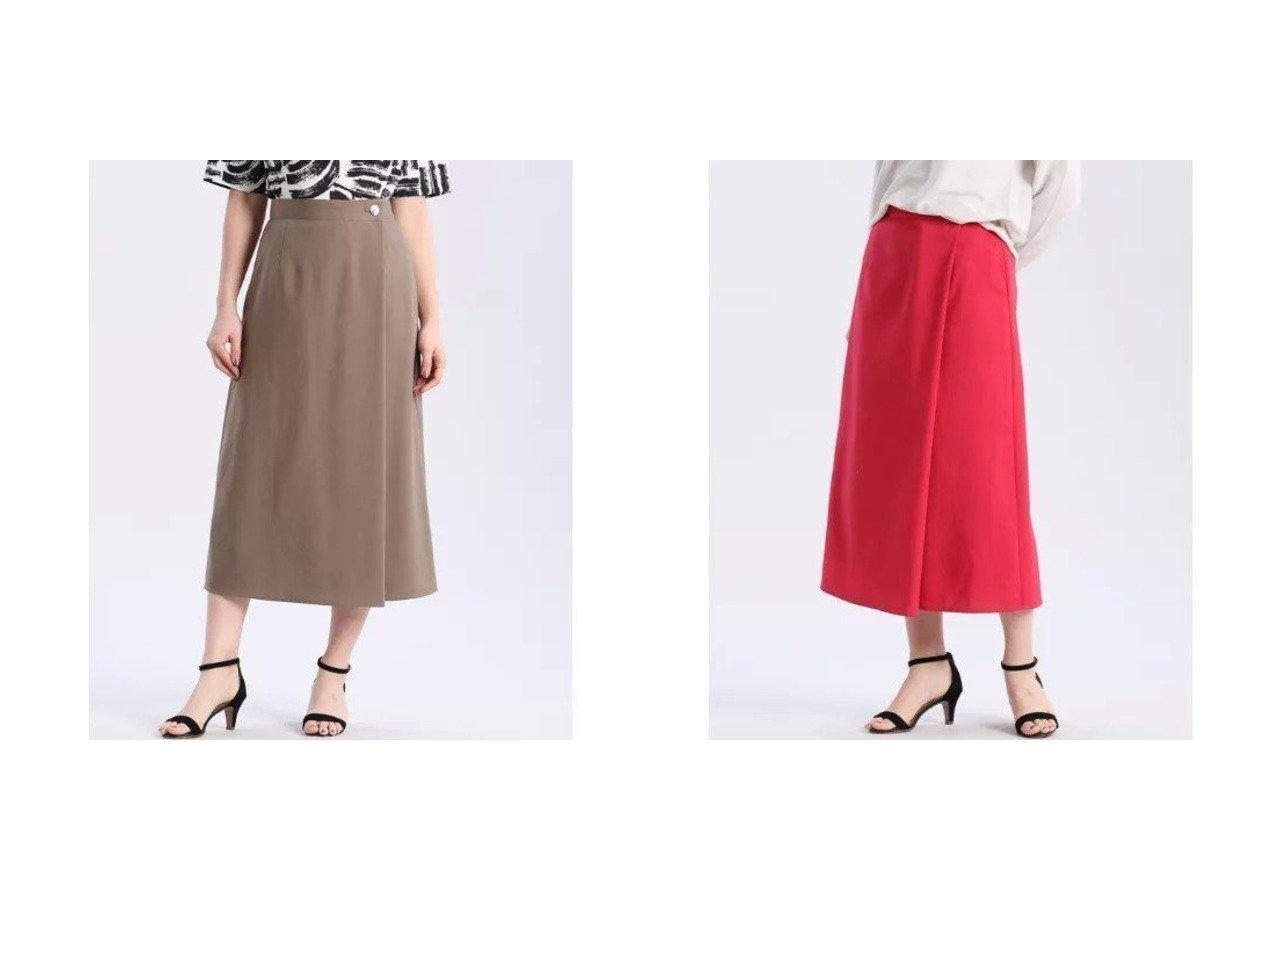 【7-IDconcept/セブンアイディコンセプト】のリネンライクスカート《KF SHORE》 スカートのおすすめ!人気、トレンド・レディースファッションの通販 おすすめで人気の流行・トレンド、ファッションの通販商品 メンズファッション・キッズファッション・インテリア・家具・レディースファッション・服の通販 founy(ファニー) https://founy.com/ ファッション Fashion レディースファッション WOMEN スカート Skirt コラボ リネン 洗える |ID:crp329100000023887